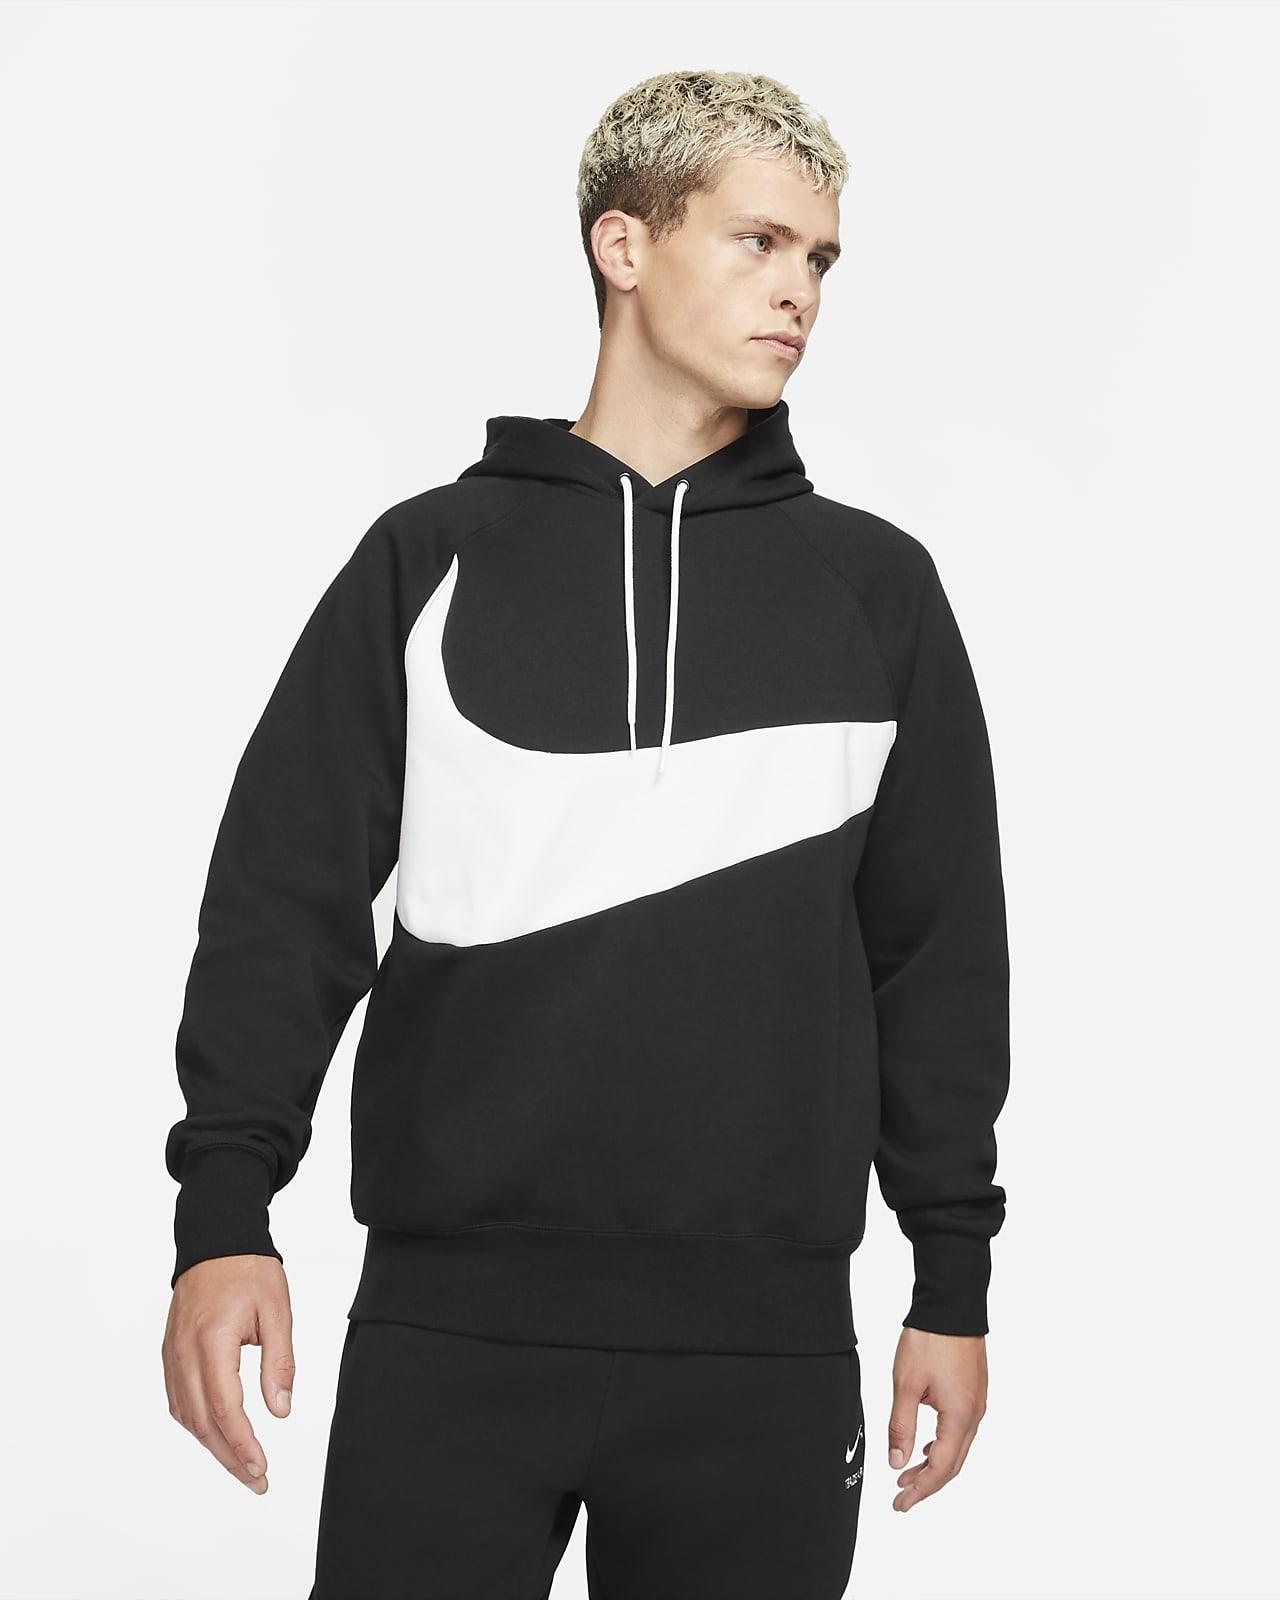 Hoodie pullover Nike Sportswear Swoosh Tech Fleece para homem